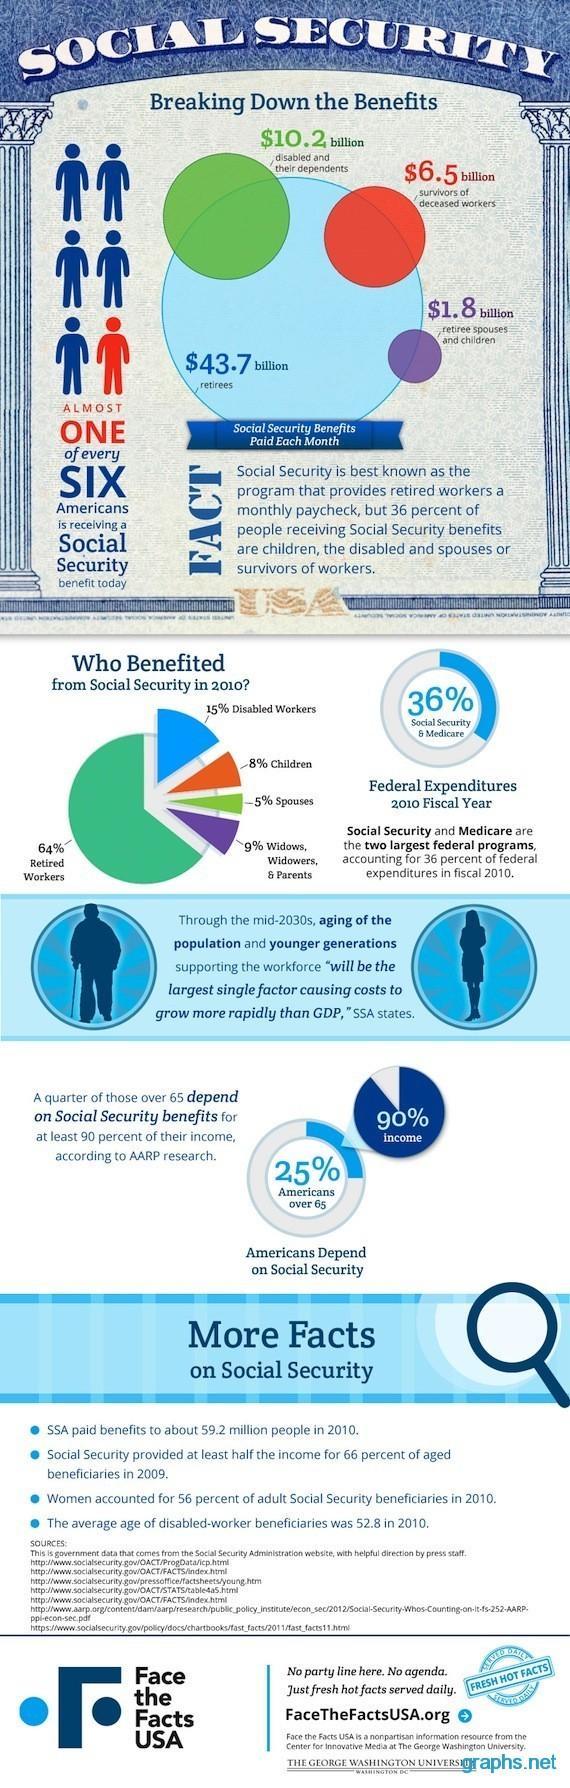 Demographics of Social Security Recipients